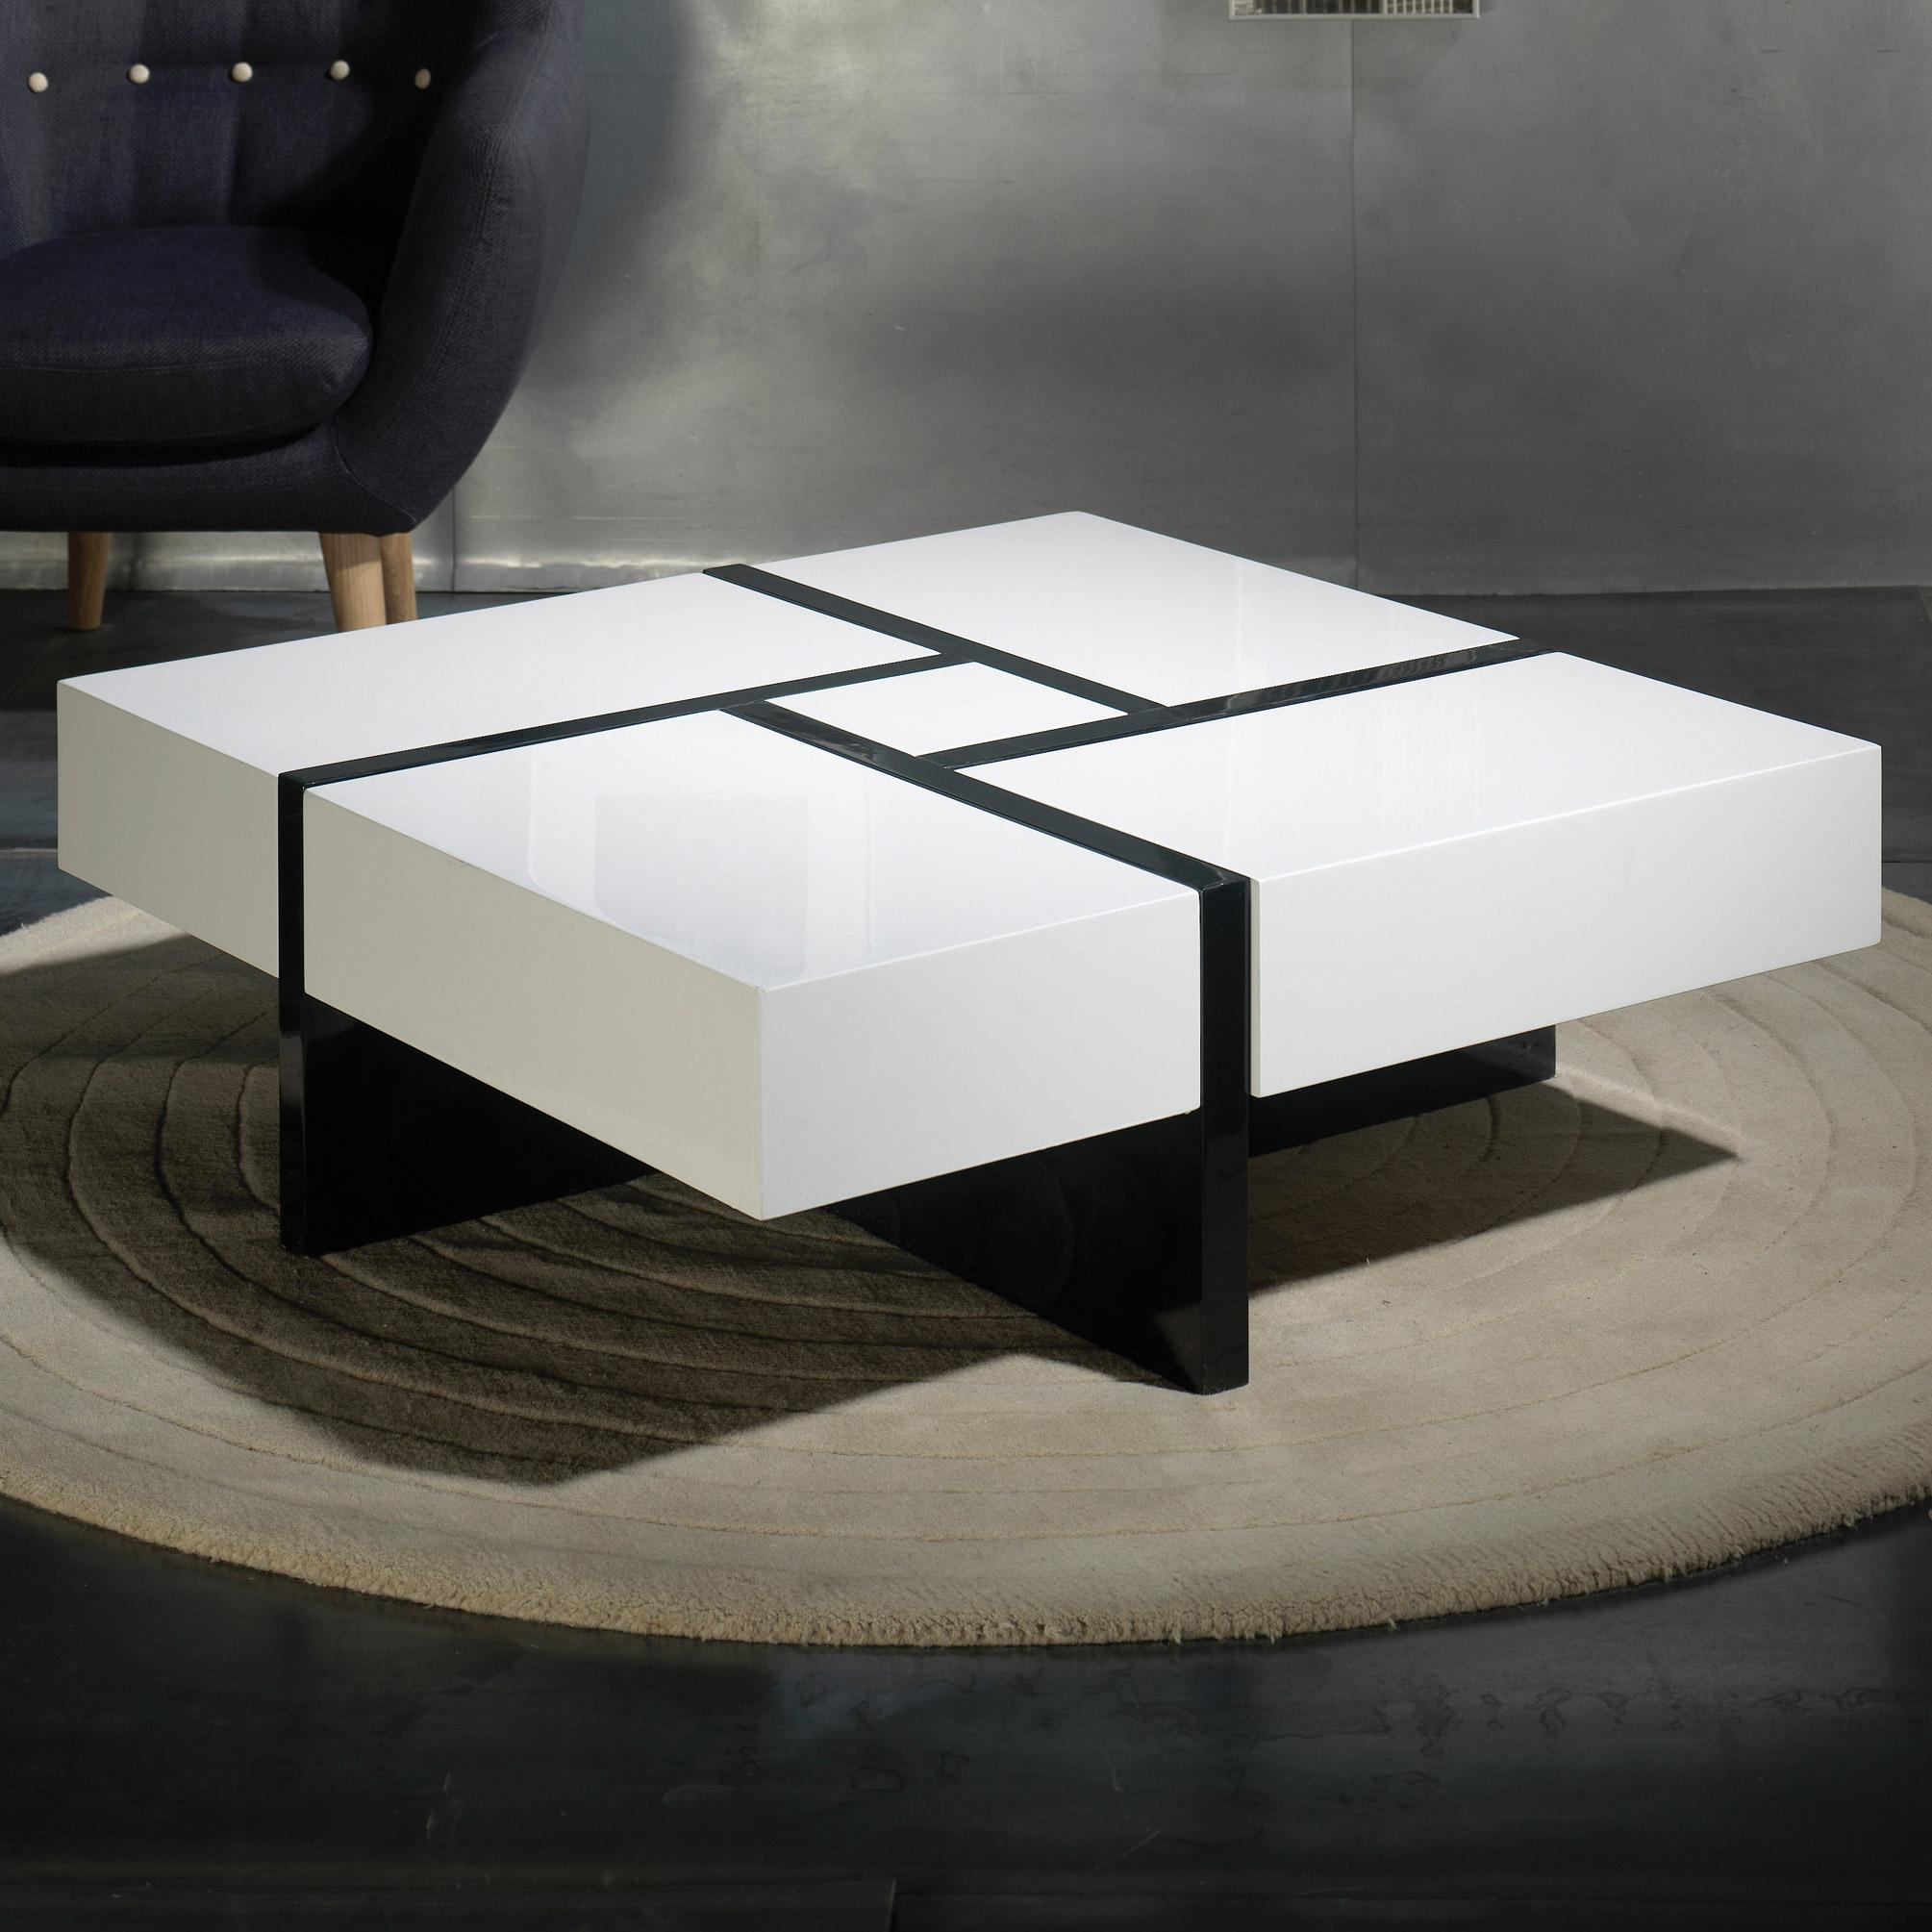 Table Basse Delamaison Mobilier Design Décoration D